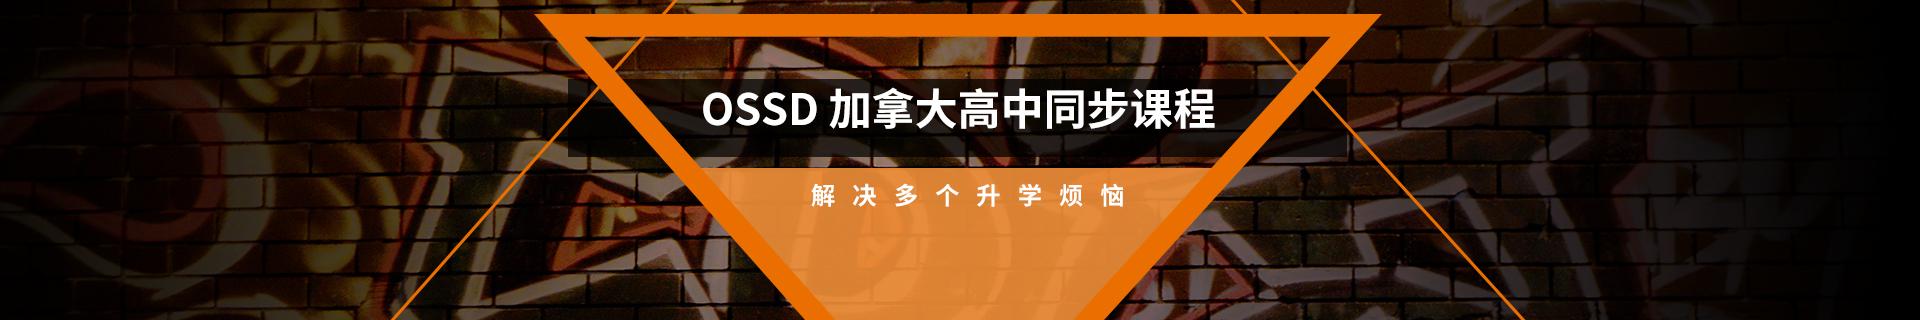 北京朝阳区国贸环球教育